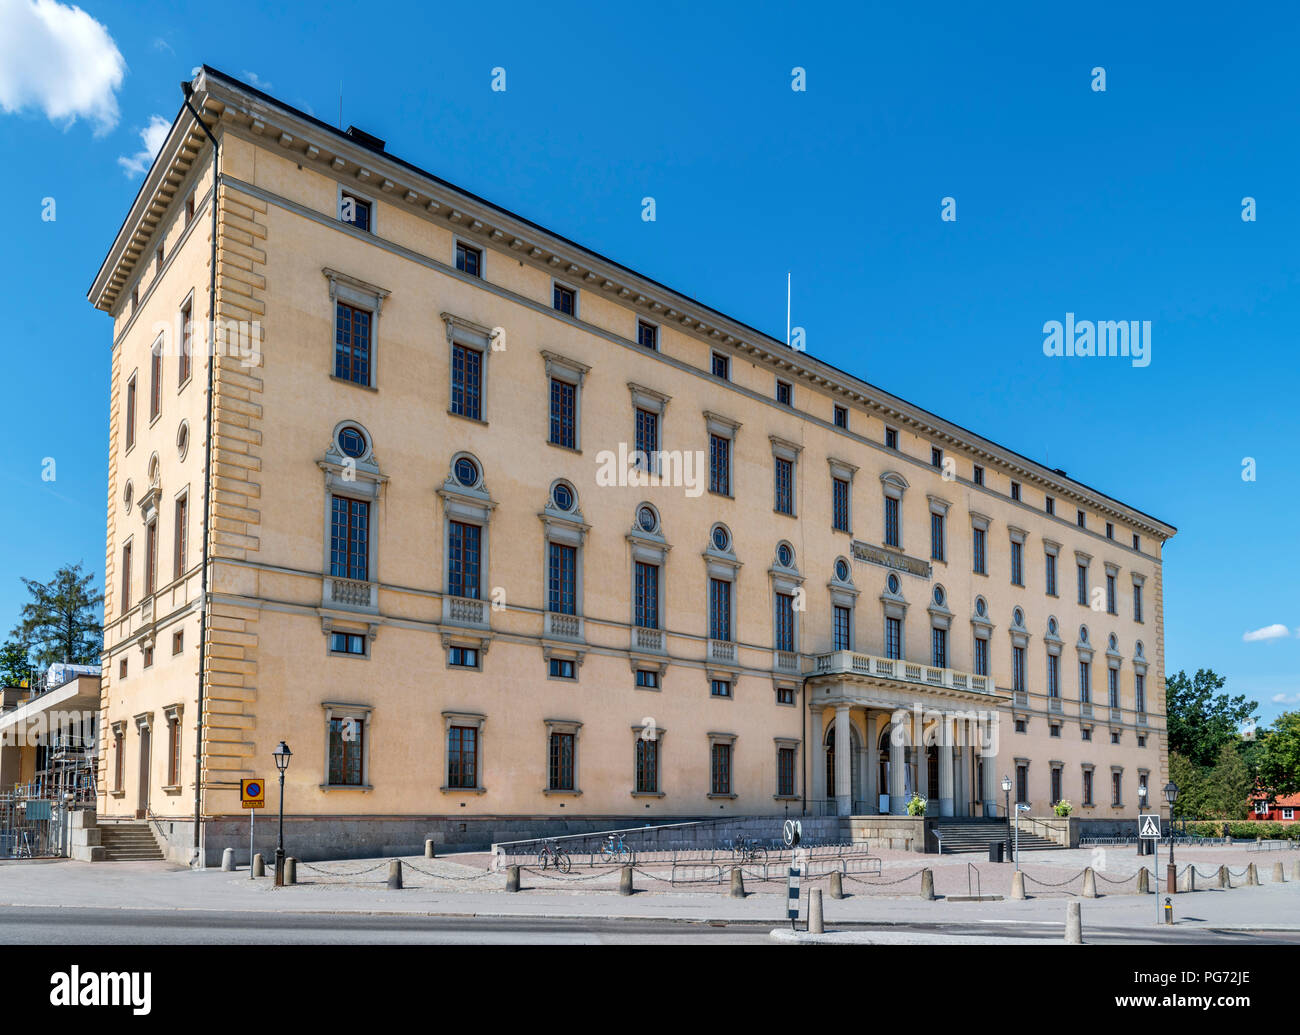 Carolina Redviva, bibliothèque de l'Université d'Uppsala, Uppsala, Uppland, Suède Banque D'Images